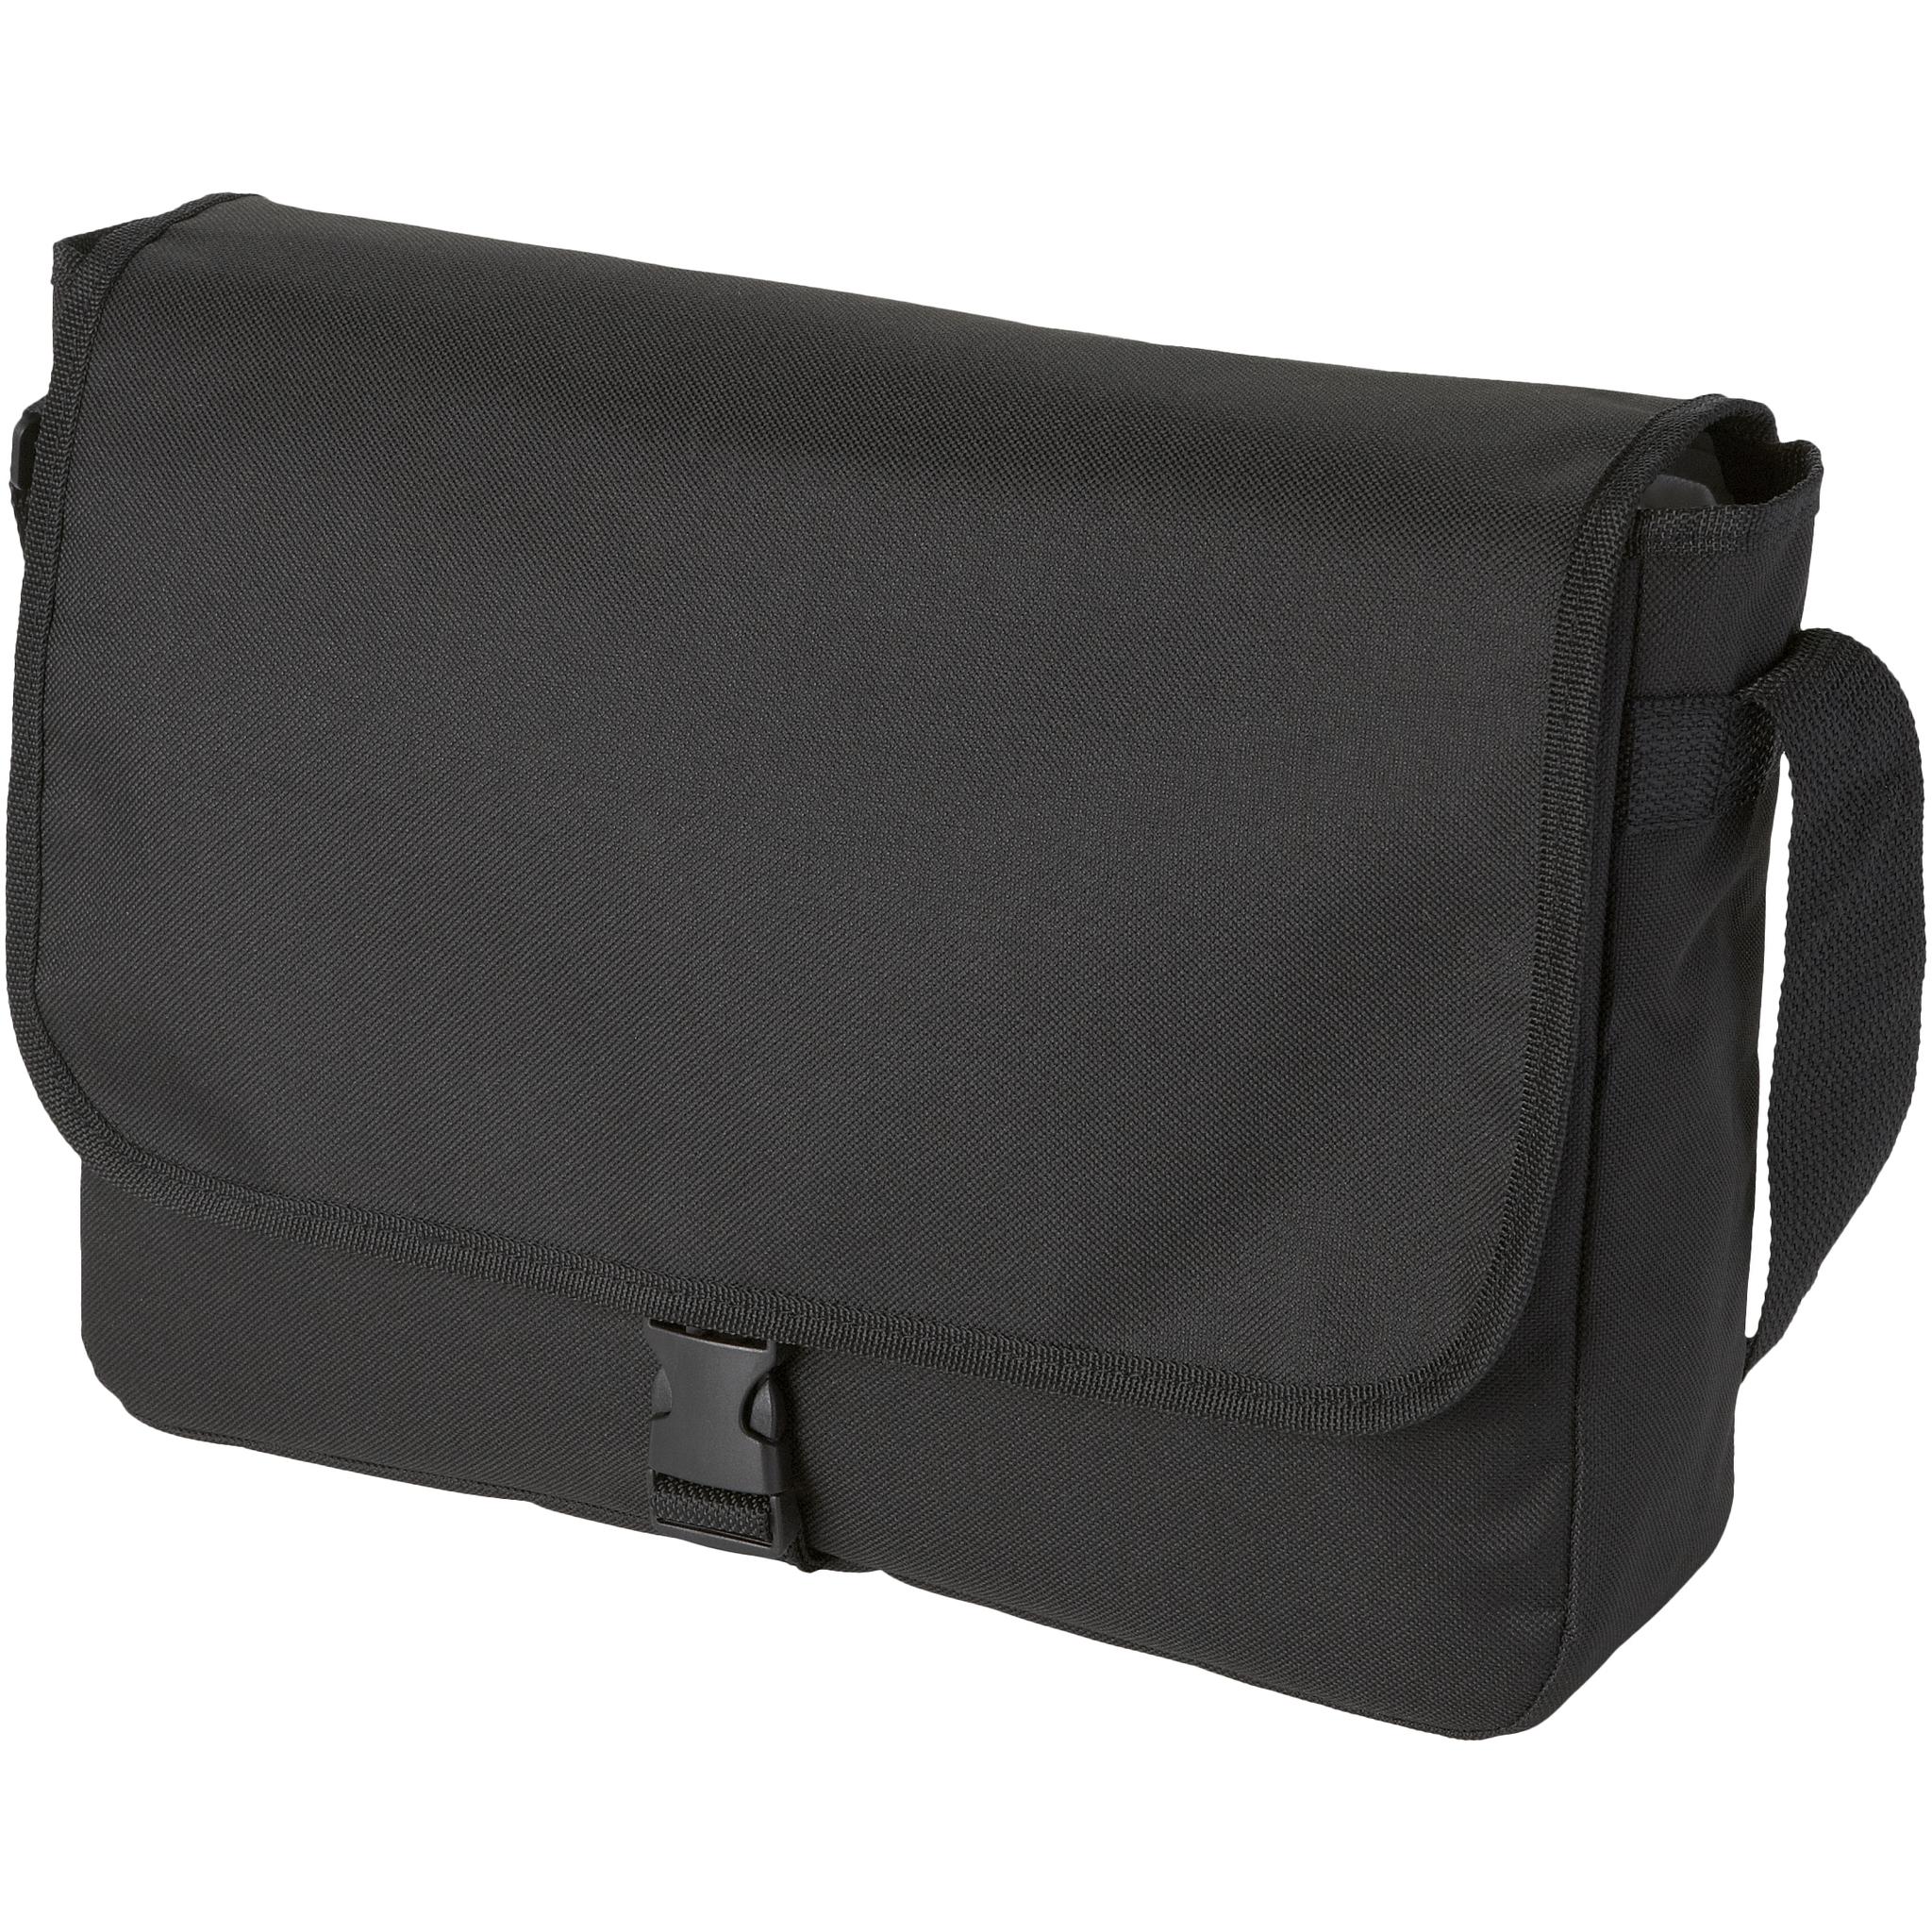 Bullet Omaha Shoulder Bag (34 x 8.5 x 25cm) (Solid Black)